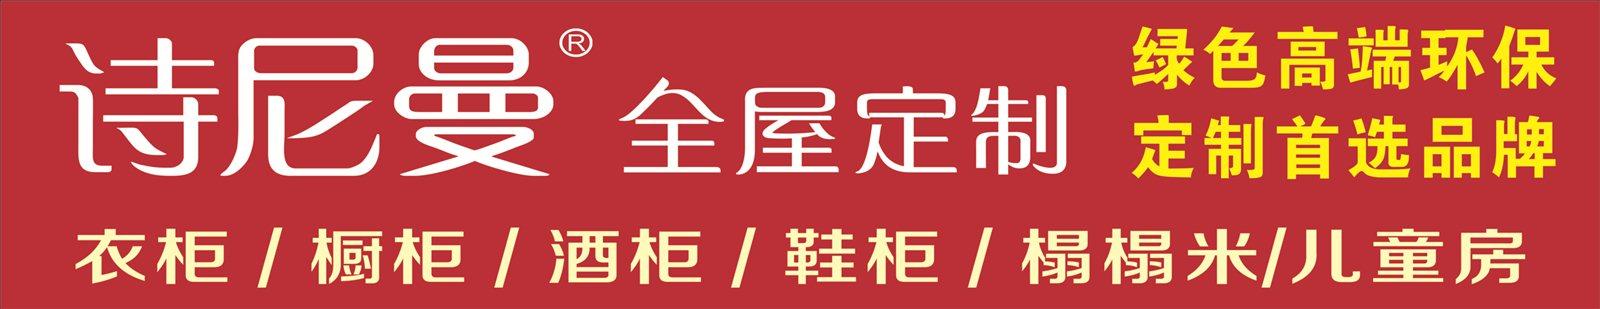 诗尼曼全屋定制-镇雄专卖店